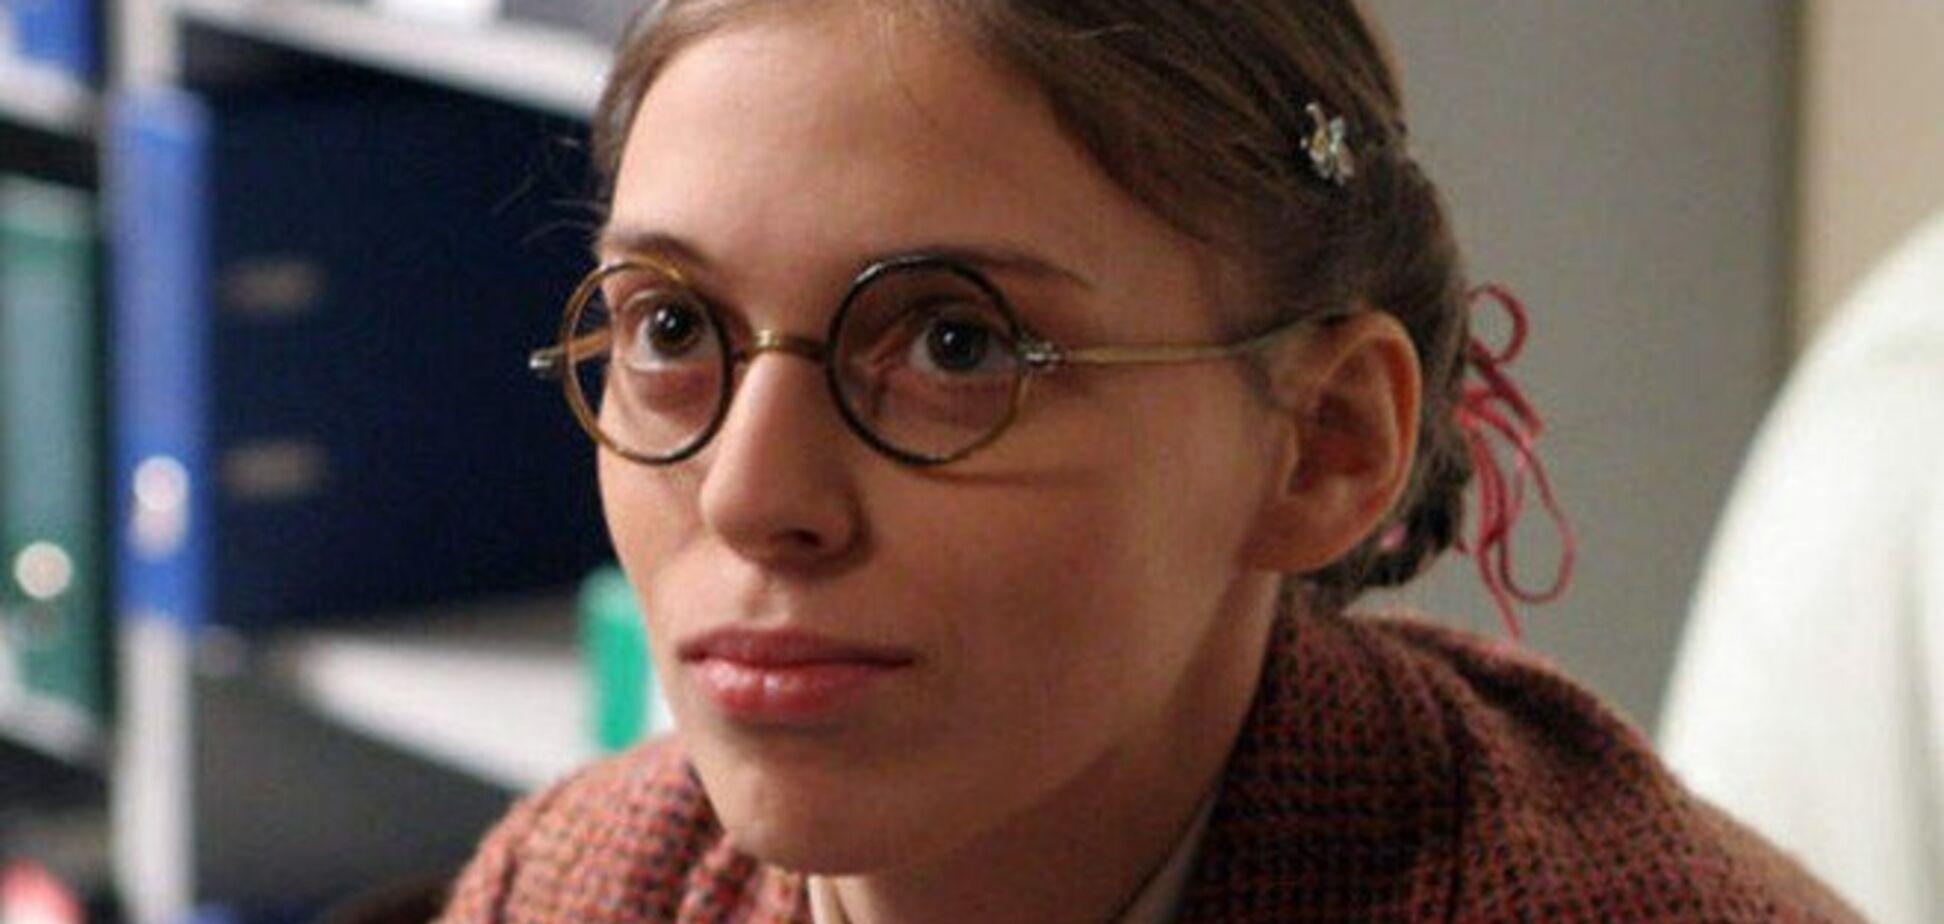 Располневшая и с бритой головой: как изменилась Катя Пушкарева из 'Не родись красивой'